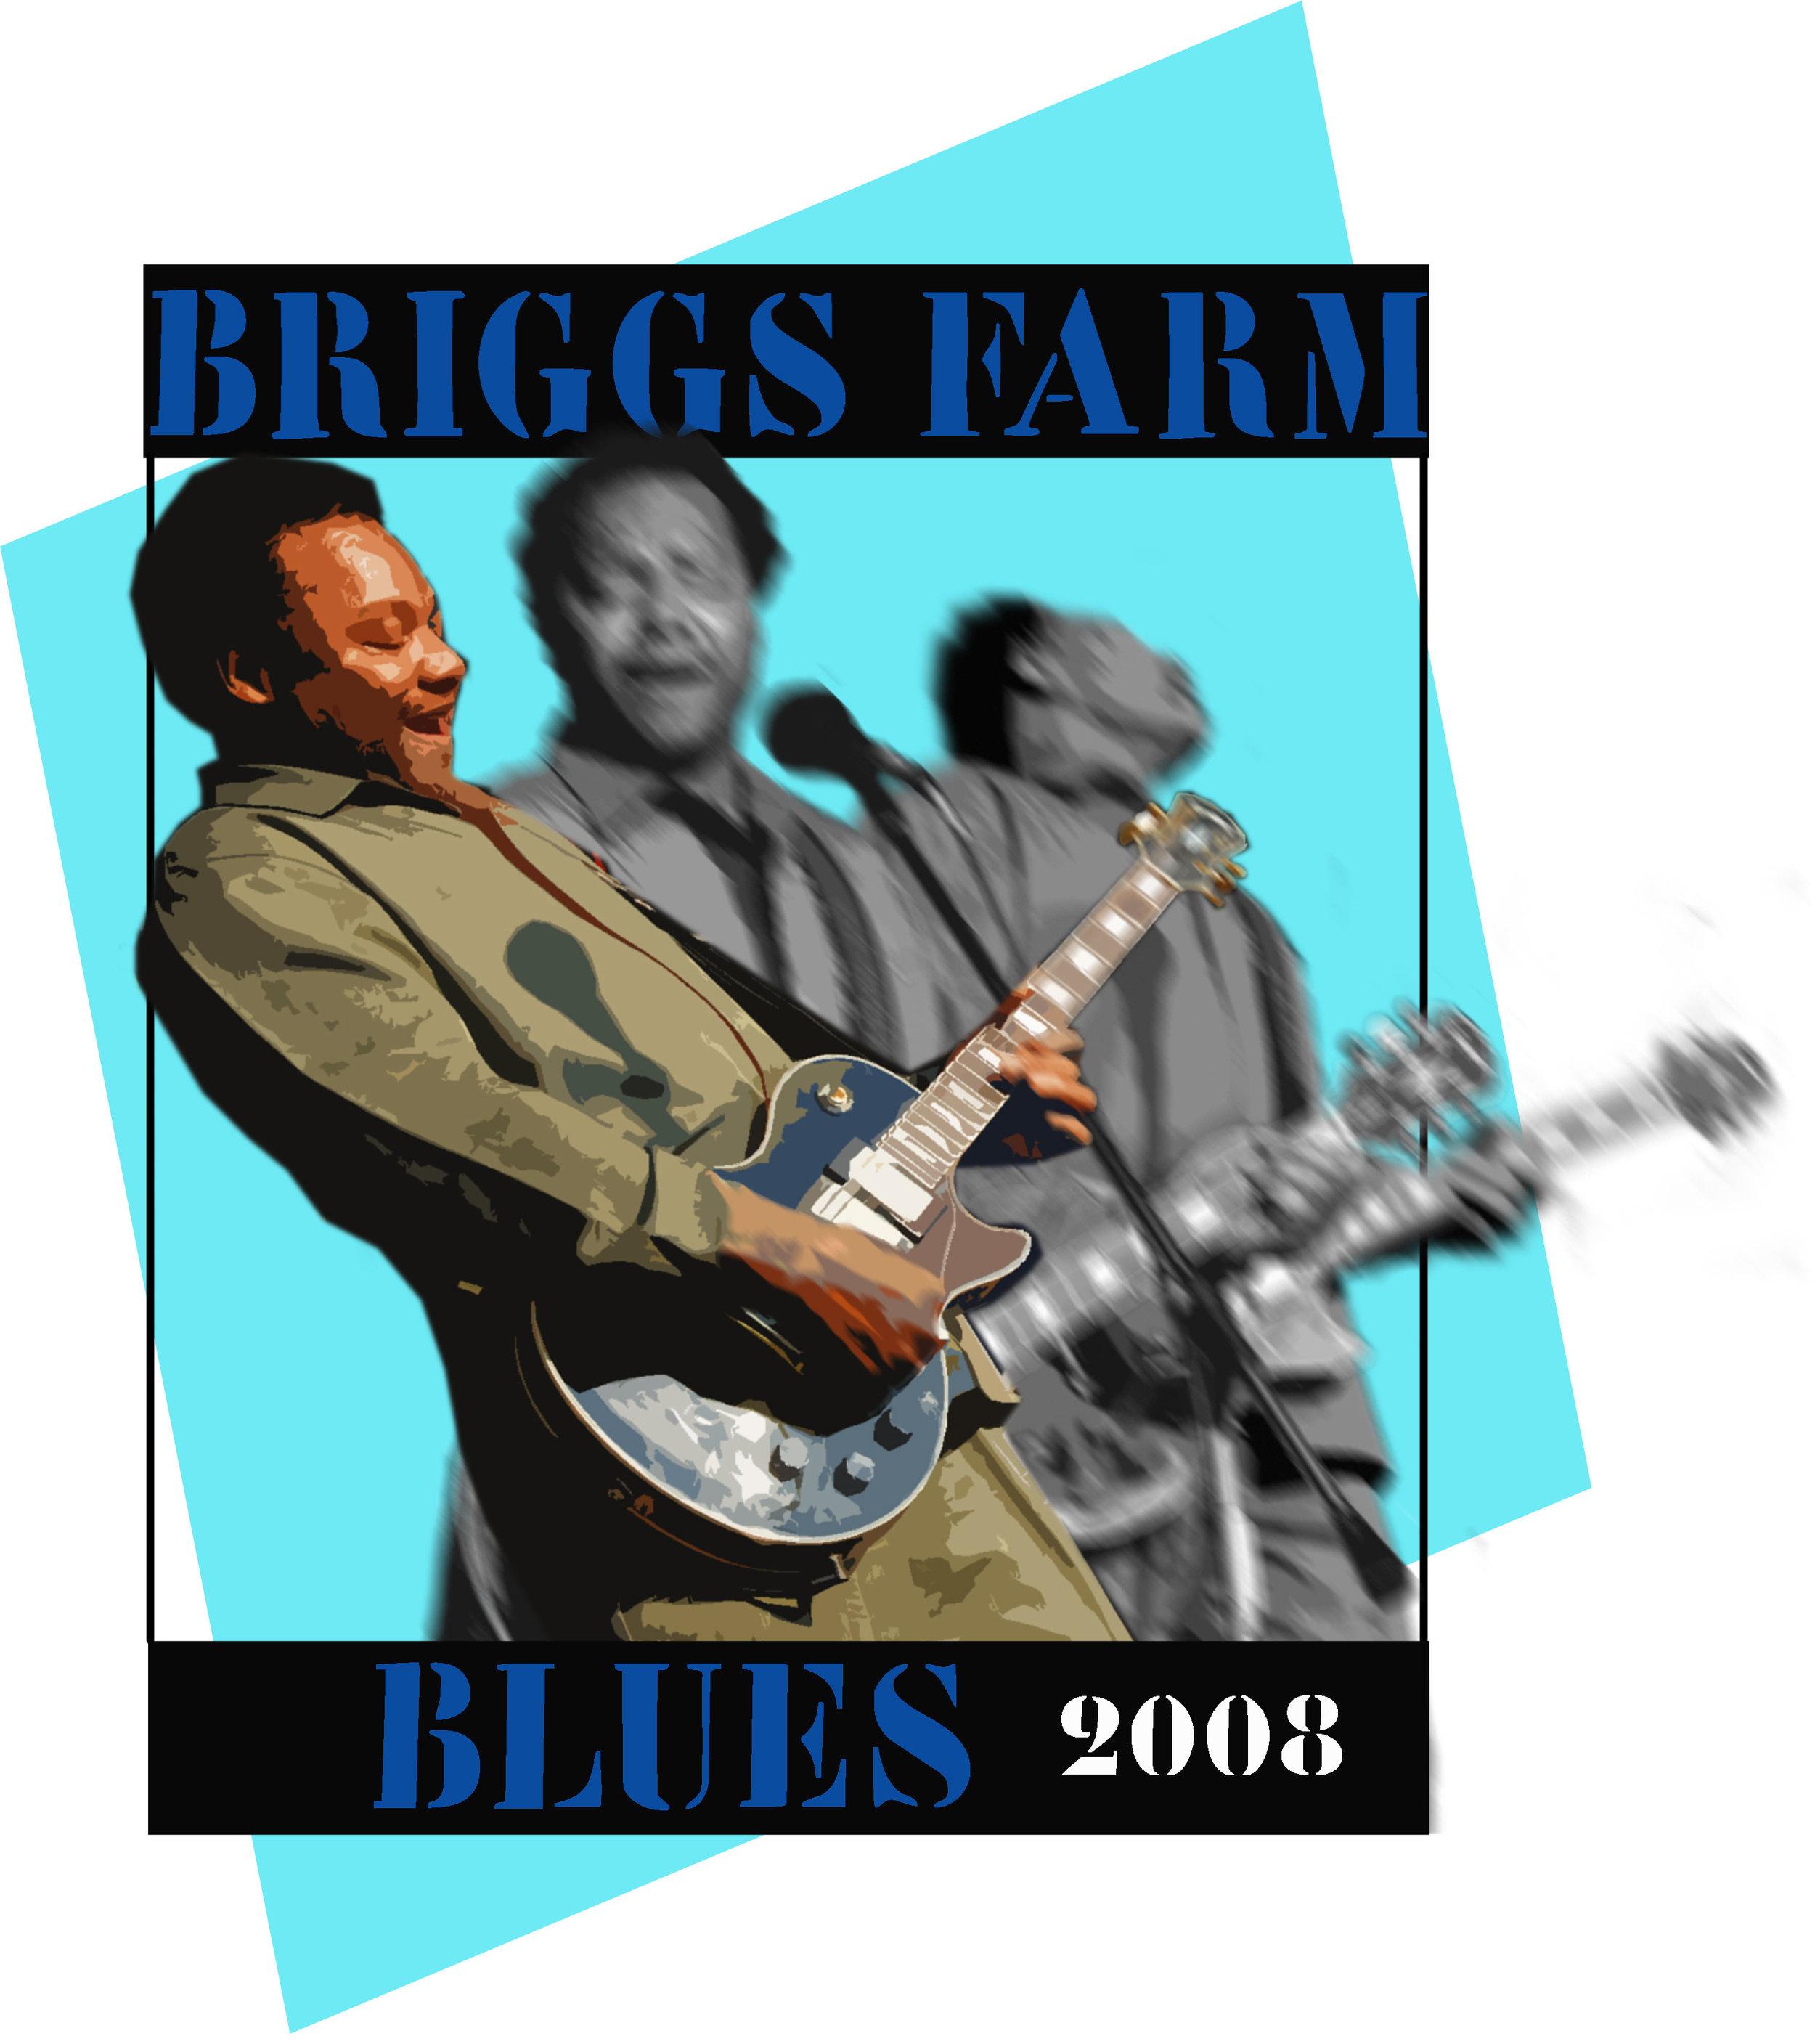 briggs-2008-merged.jpg